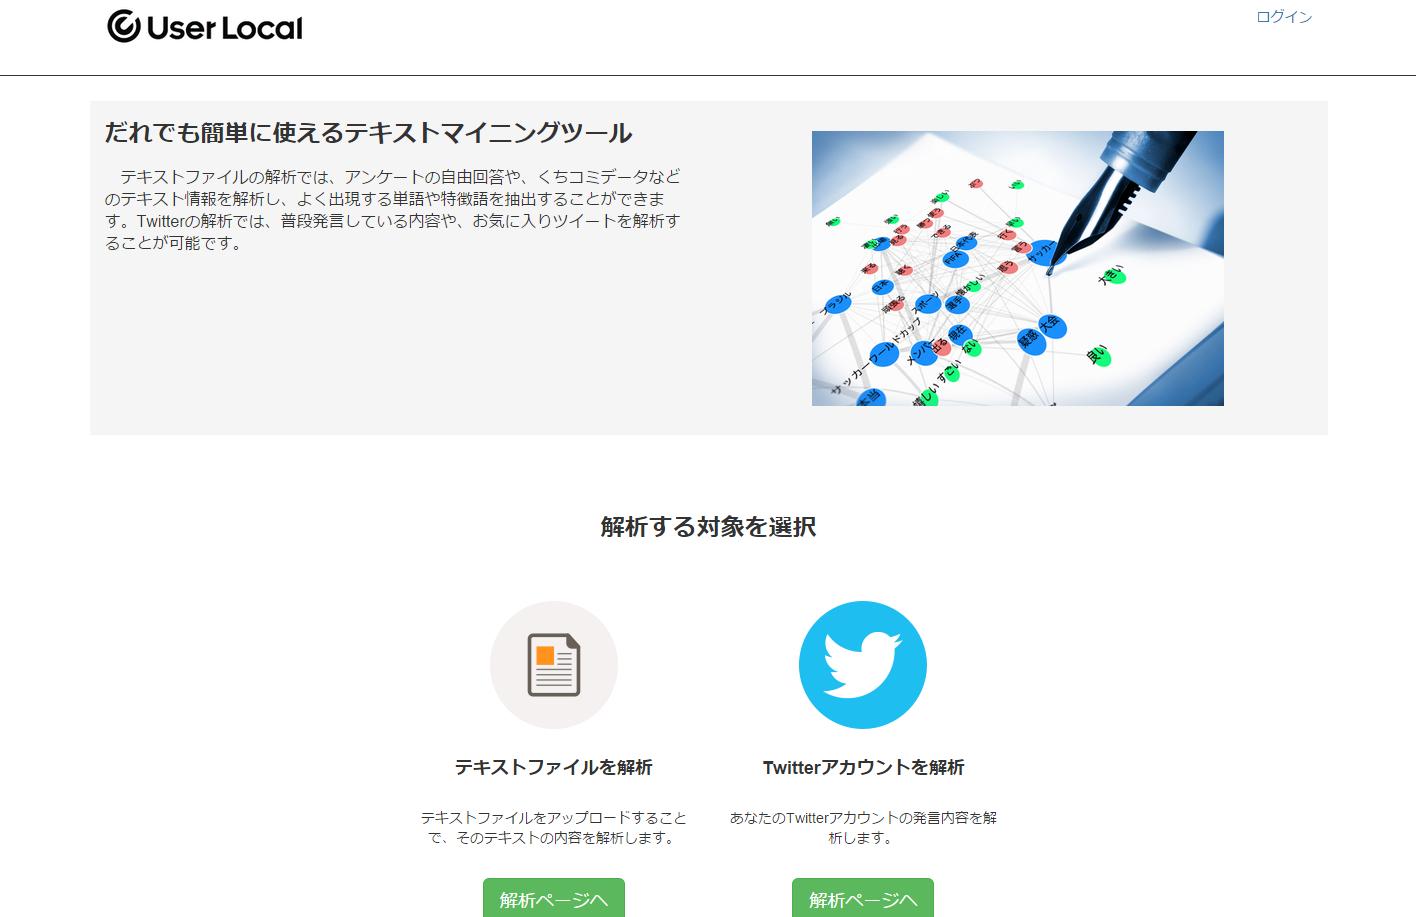 UserLocalテキストマイニング